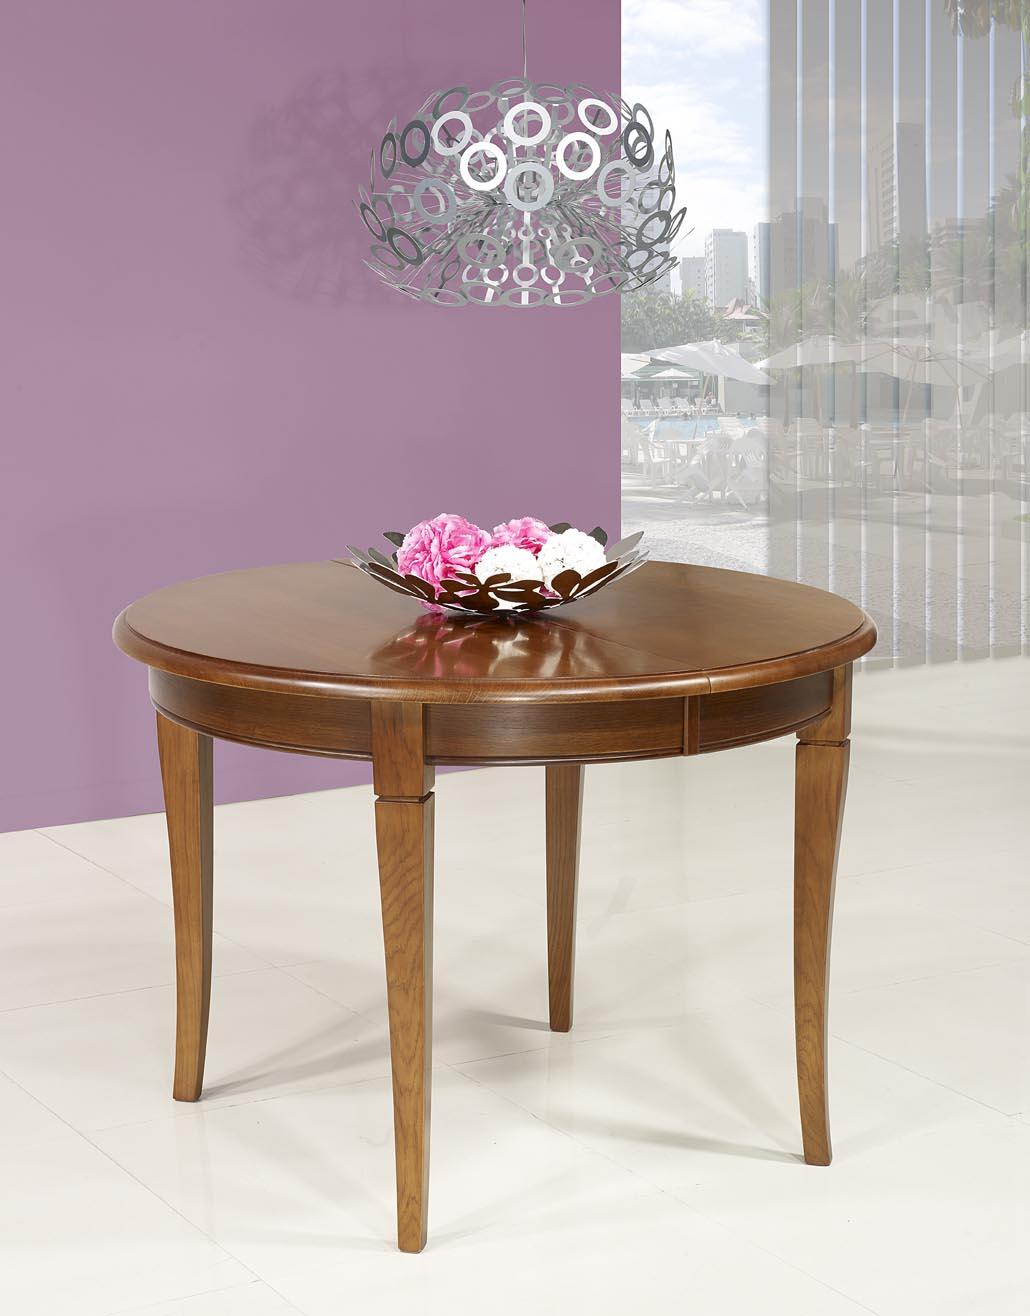 table ronde 4 pieds marc en ch ne massif de style louis philippe diam tre 120 1 allonge. Black Bedroom Furniture Sets. Home Design Ideas